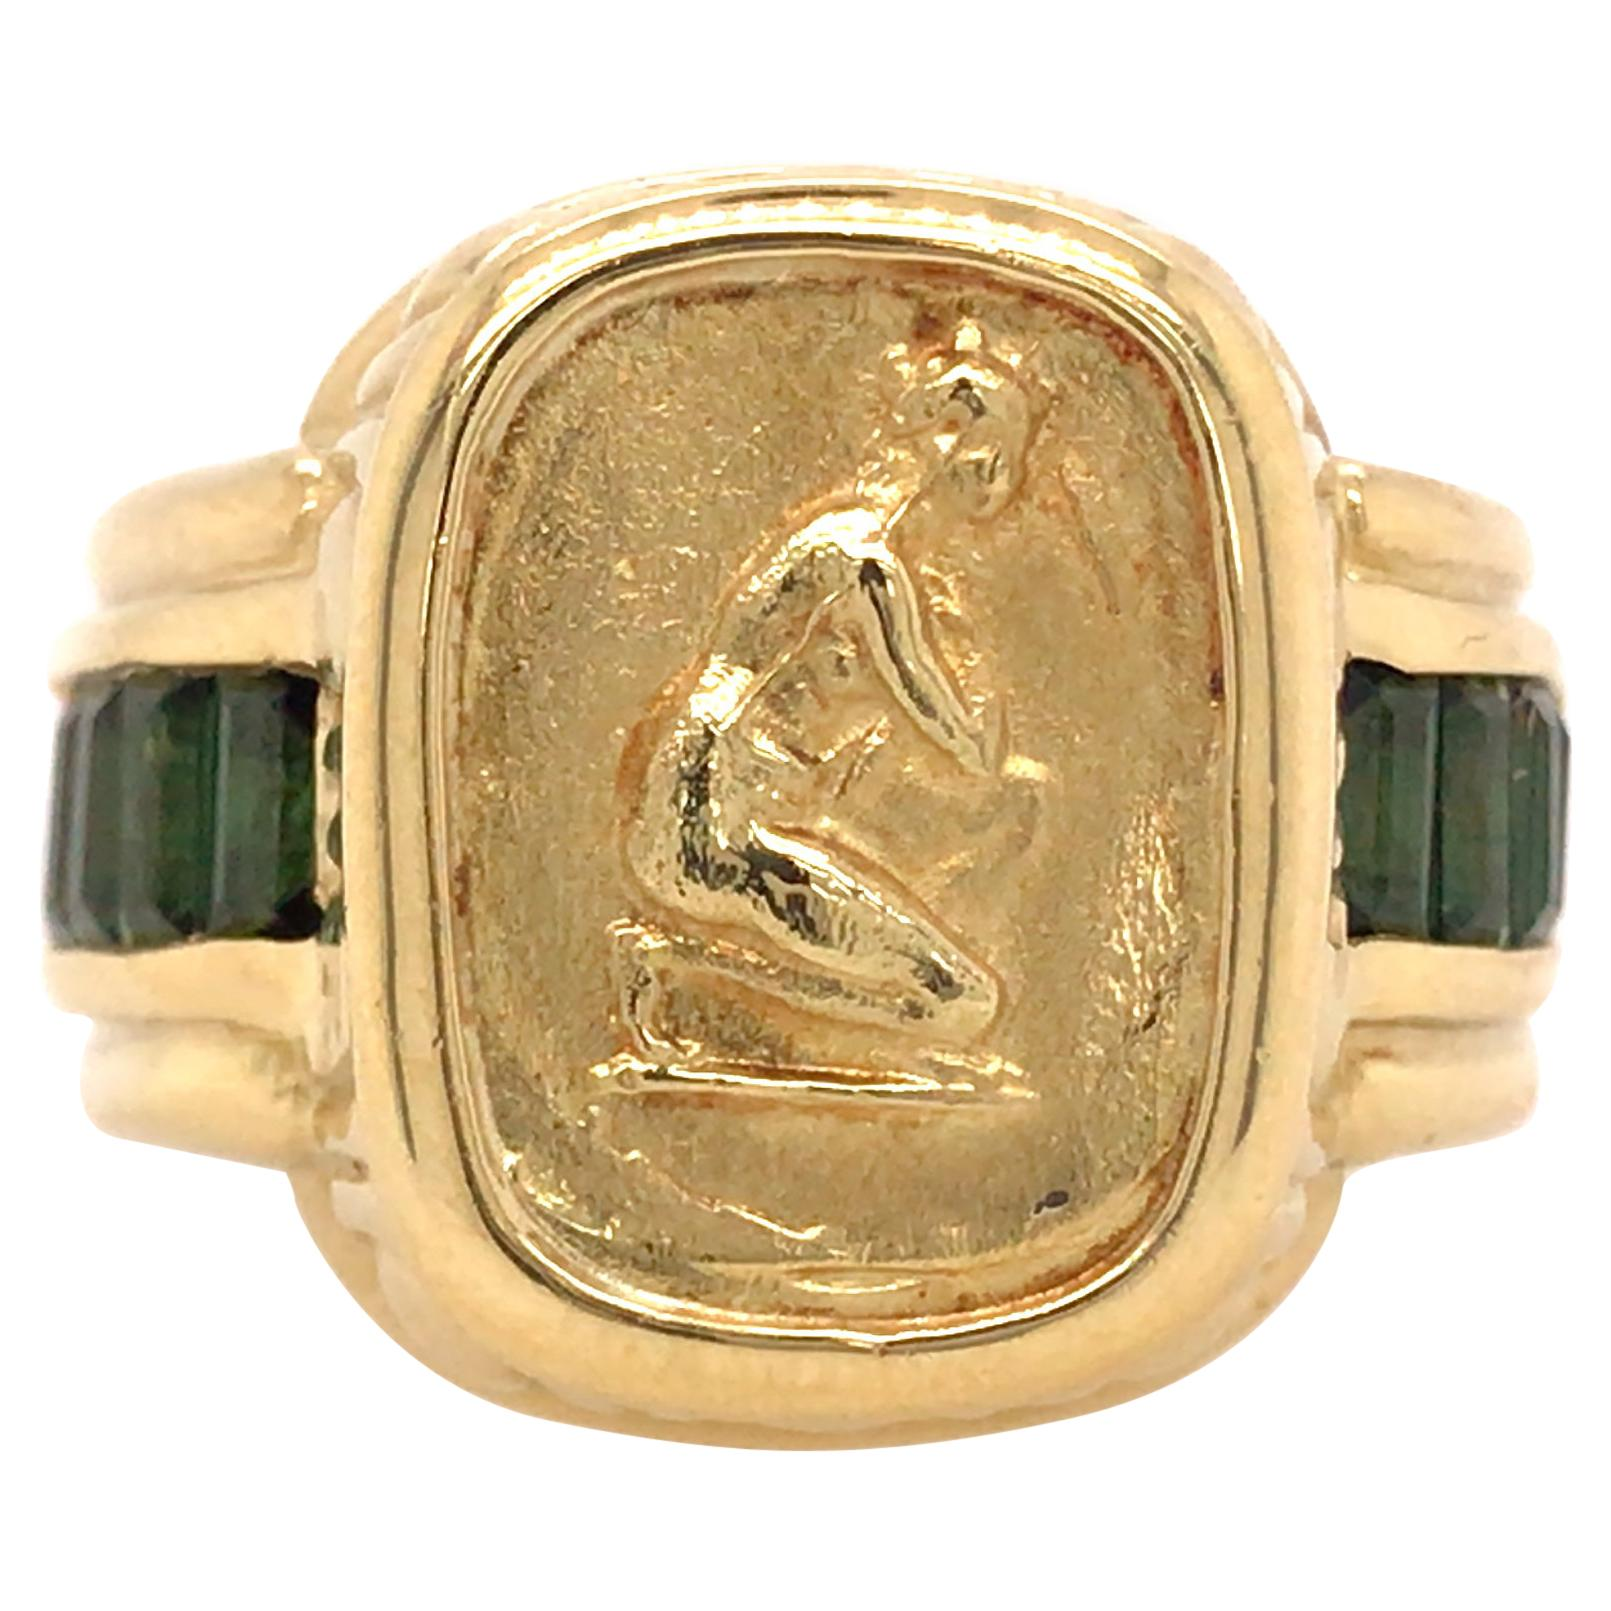 Seidengang 18K Yellow Gold Tourmaline Signet Ring